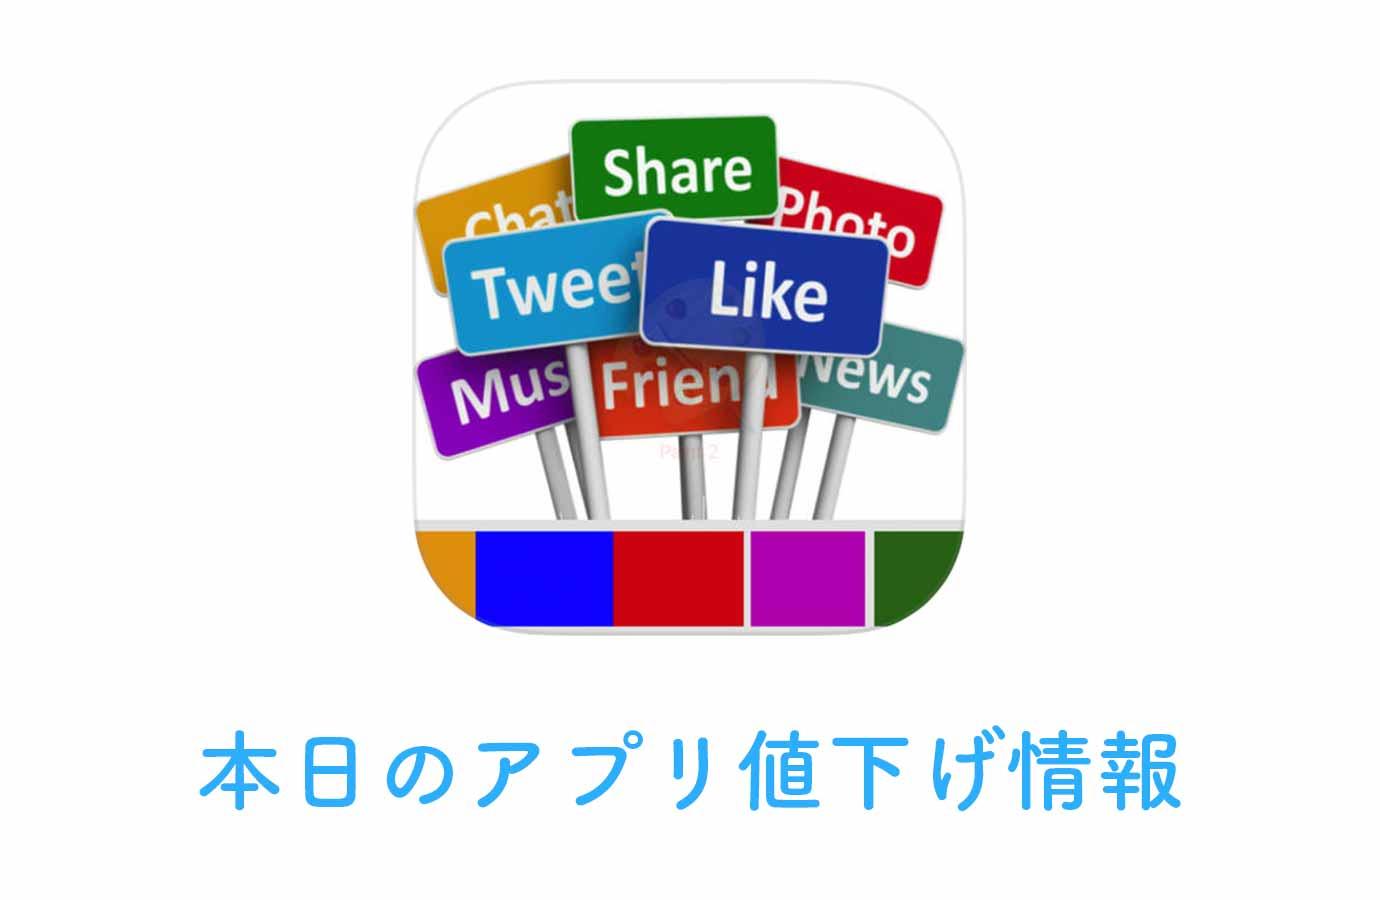 120円→無料!複数のSNSを一括管理できるアプリ「Social App Pro」など【1/6】アプリ値下げ情報